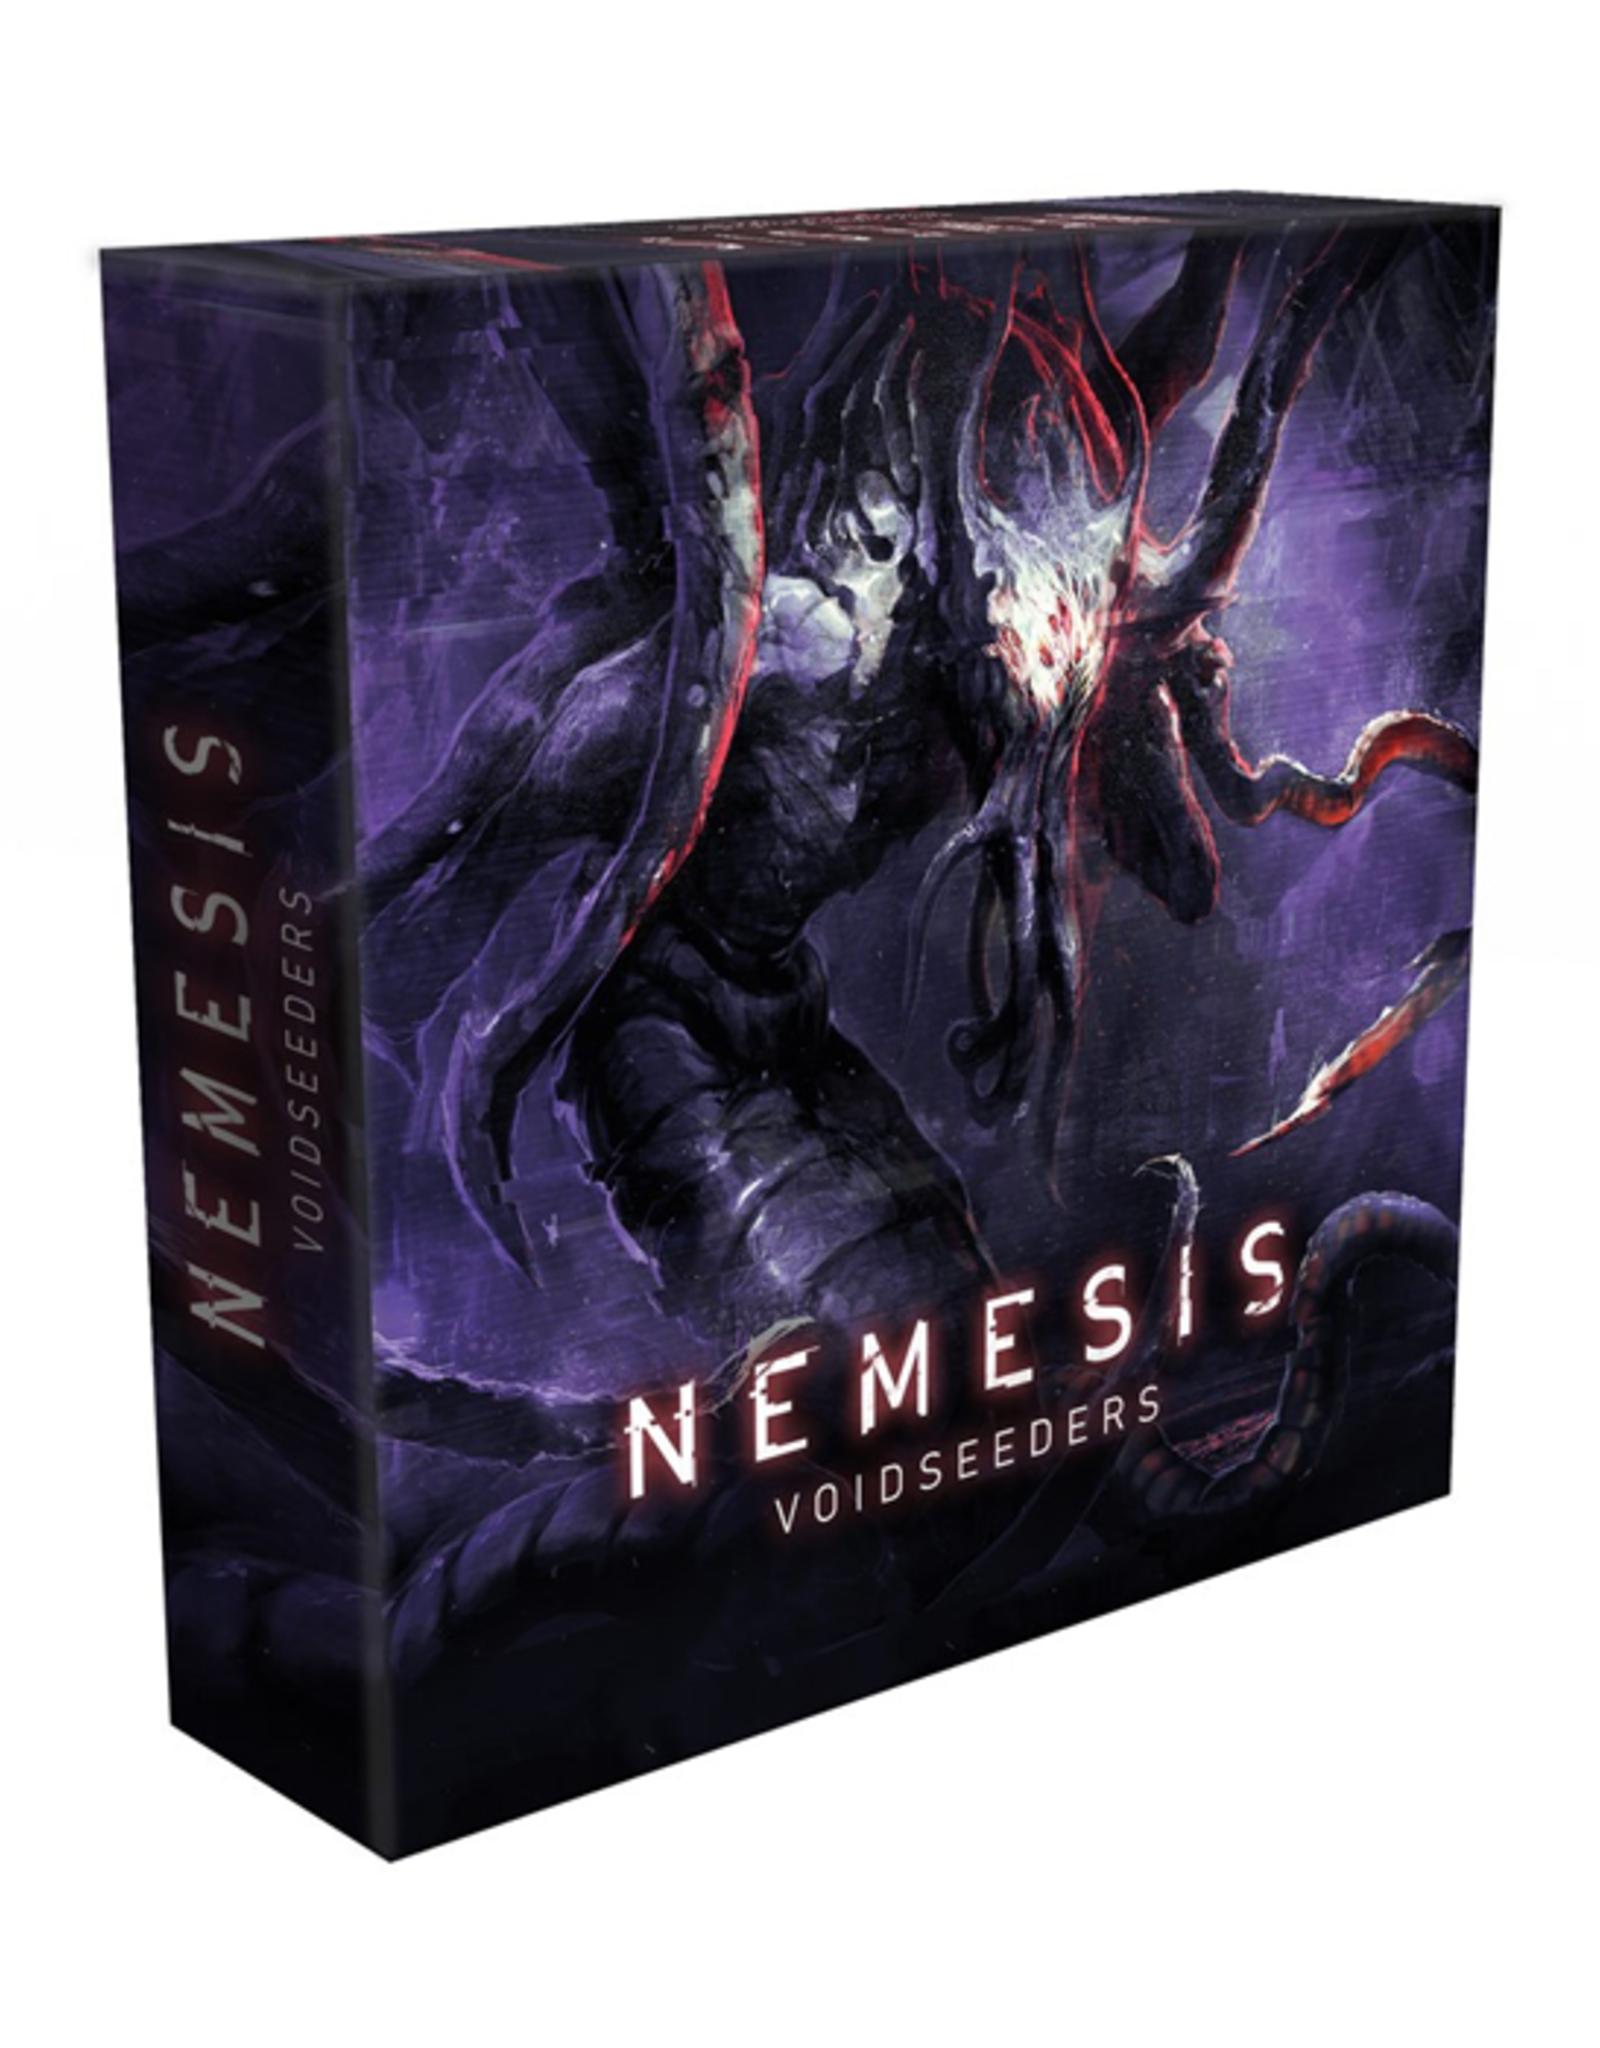 Nemesis: Void Seeders